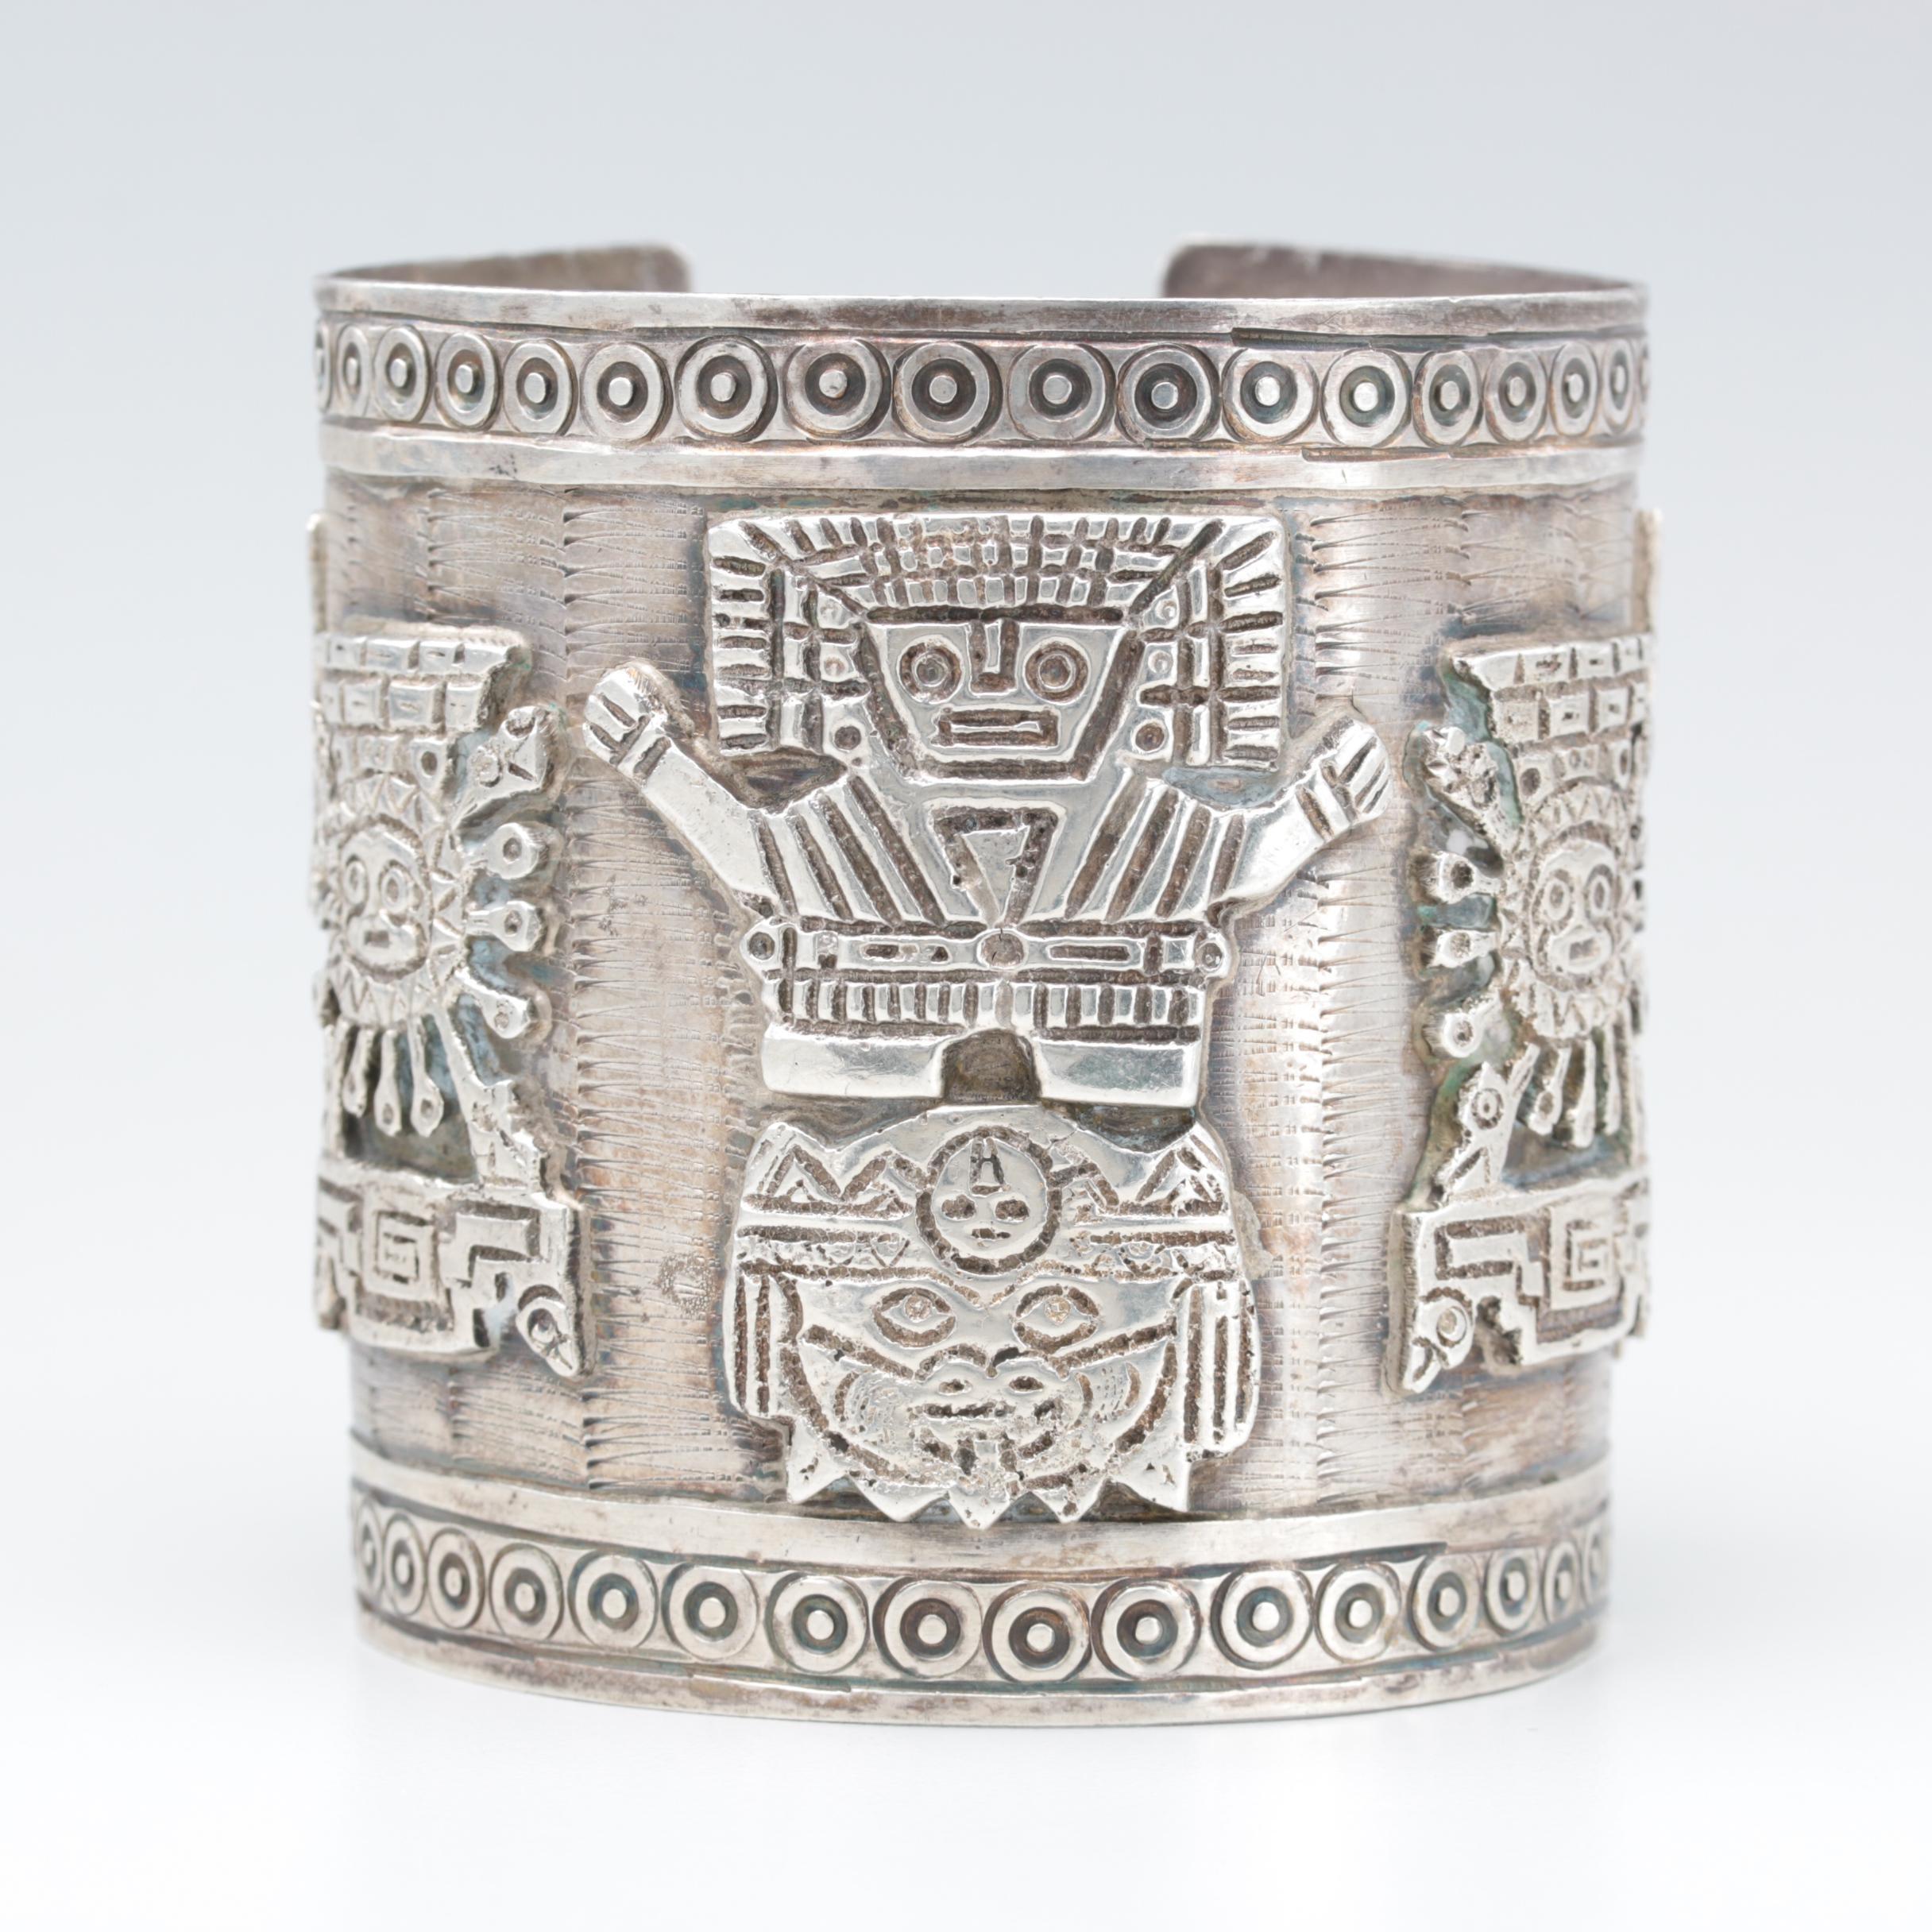 Peruvian Sterling Silver Cuff Bracelet